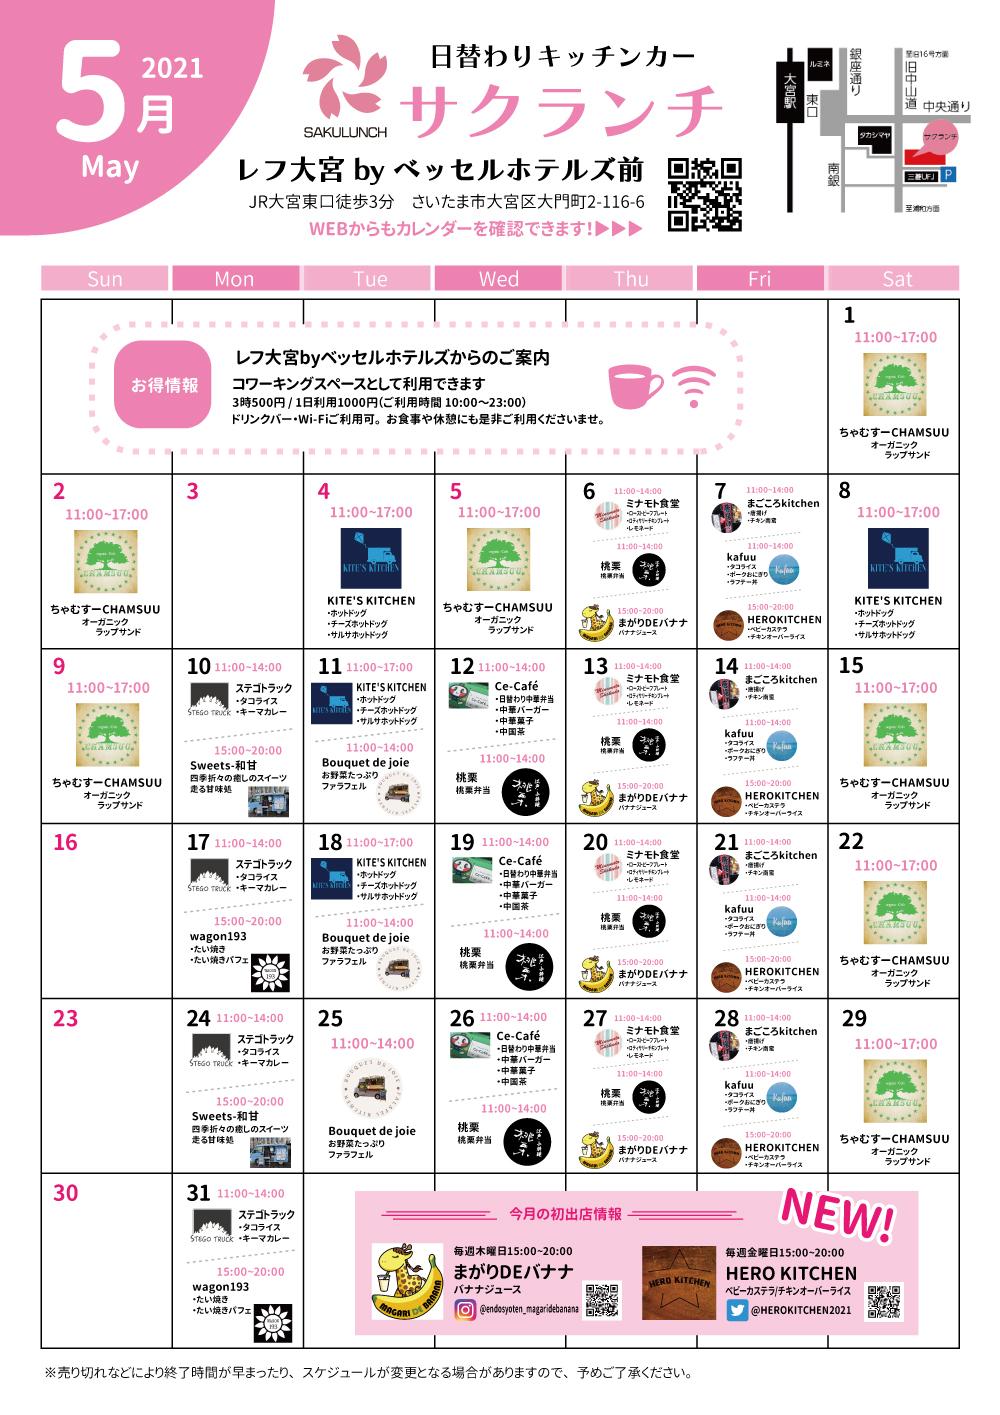 サクランチカレンダー2021年5月